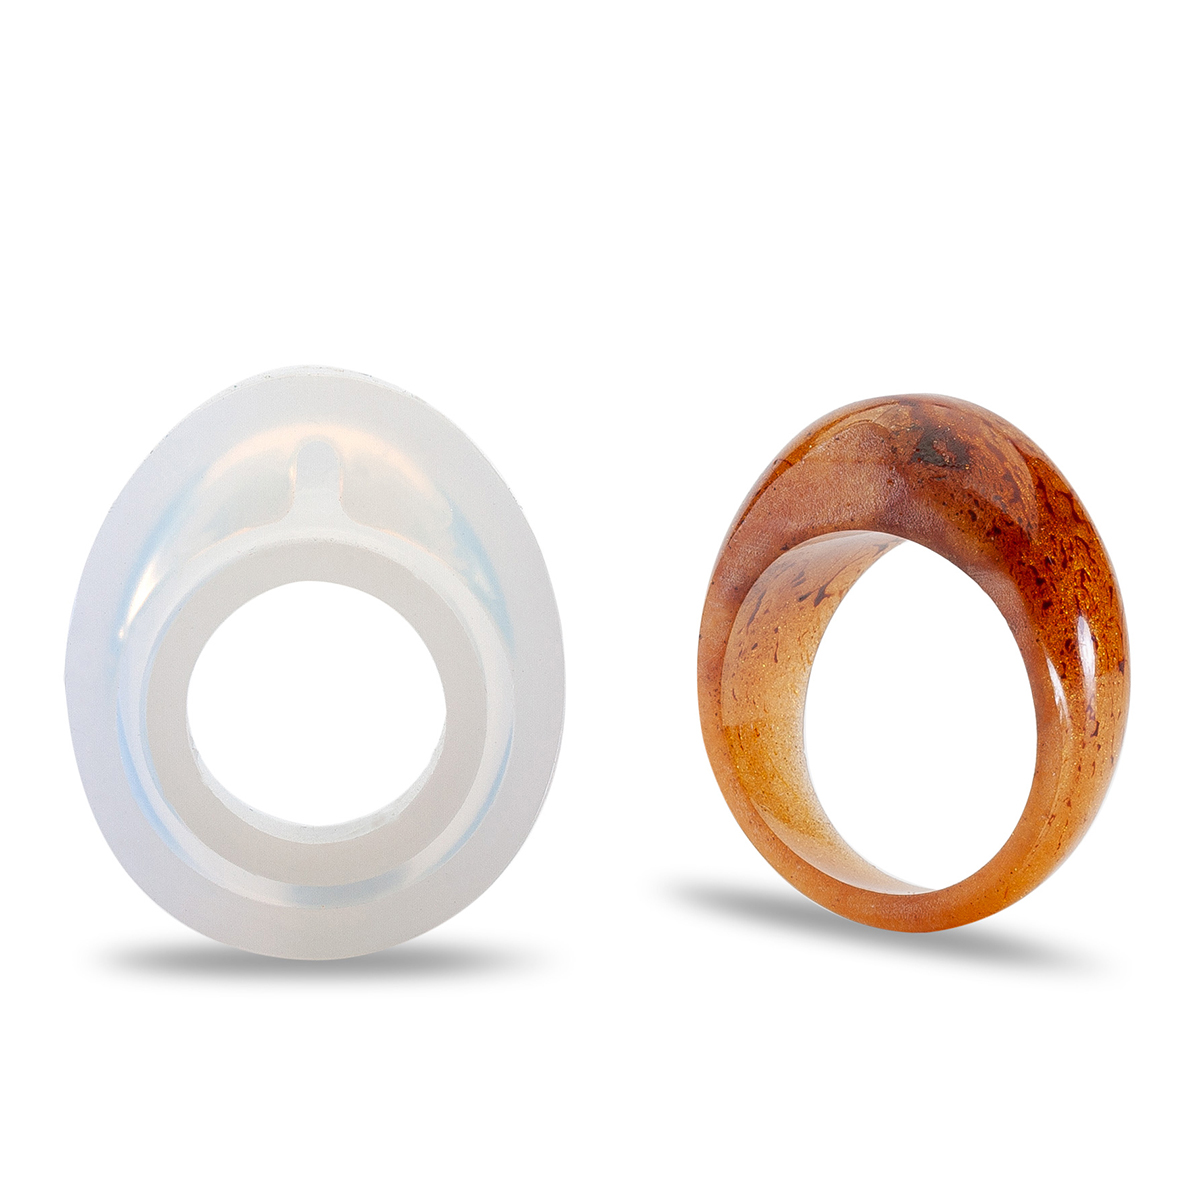 Formy silikonowe do pierścionków